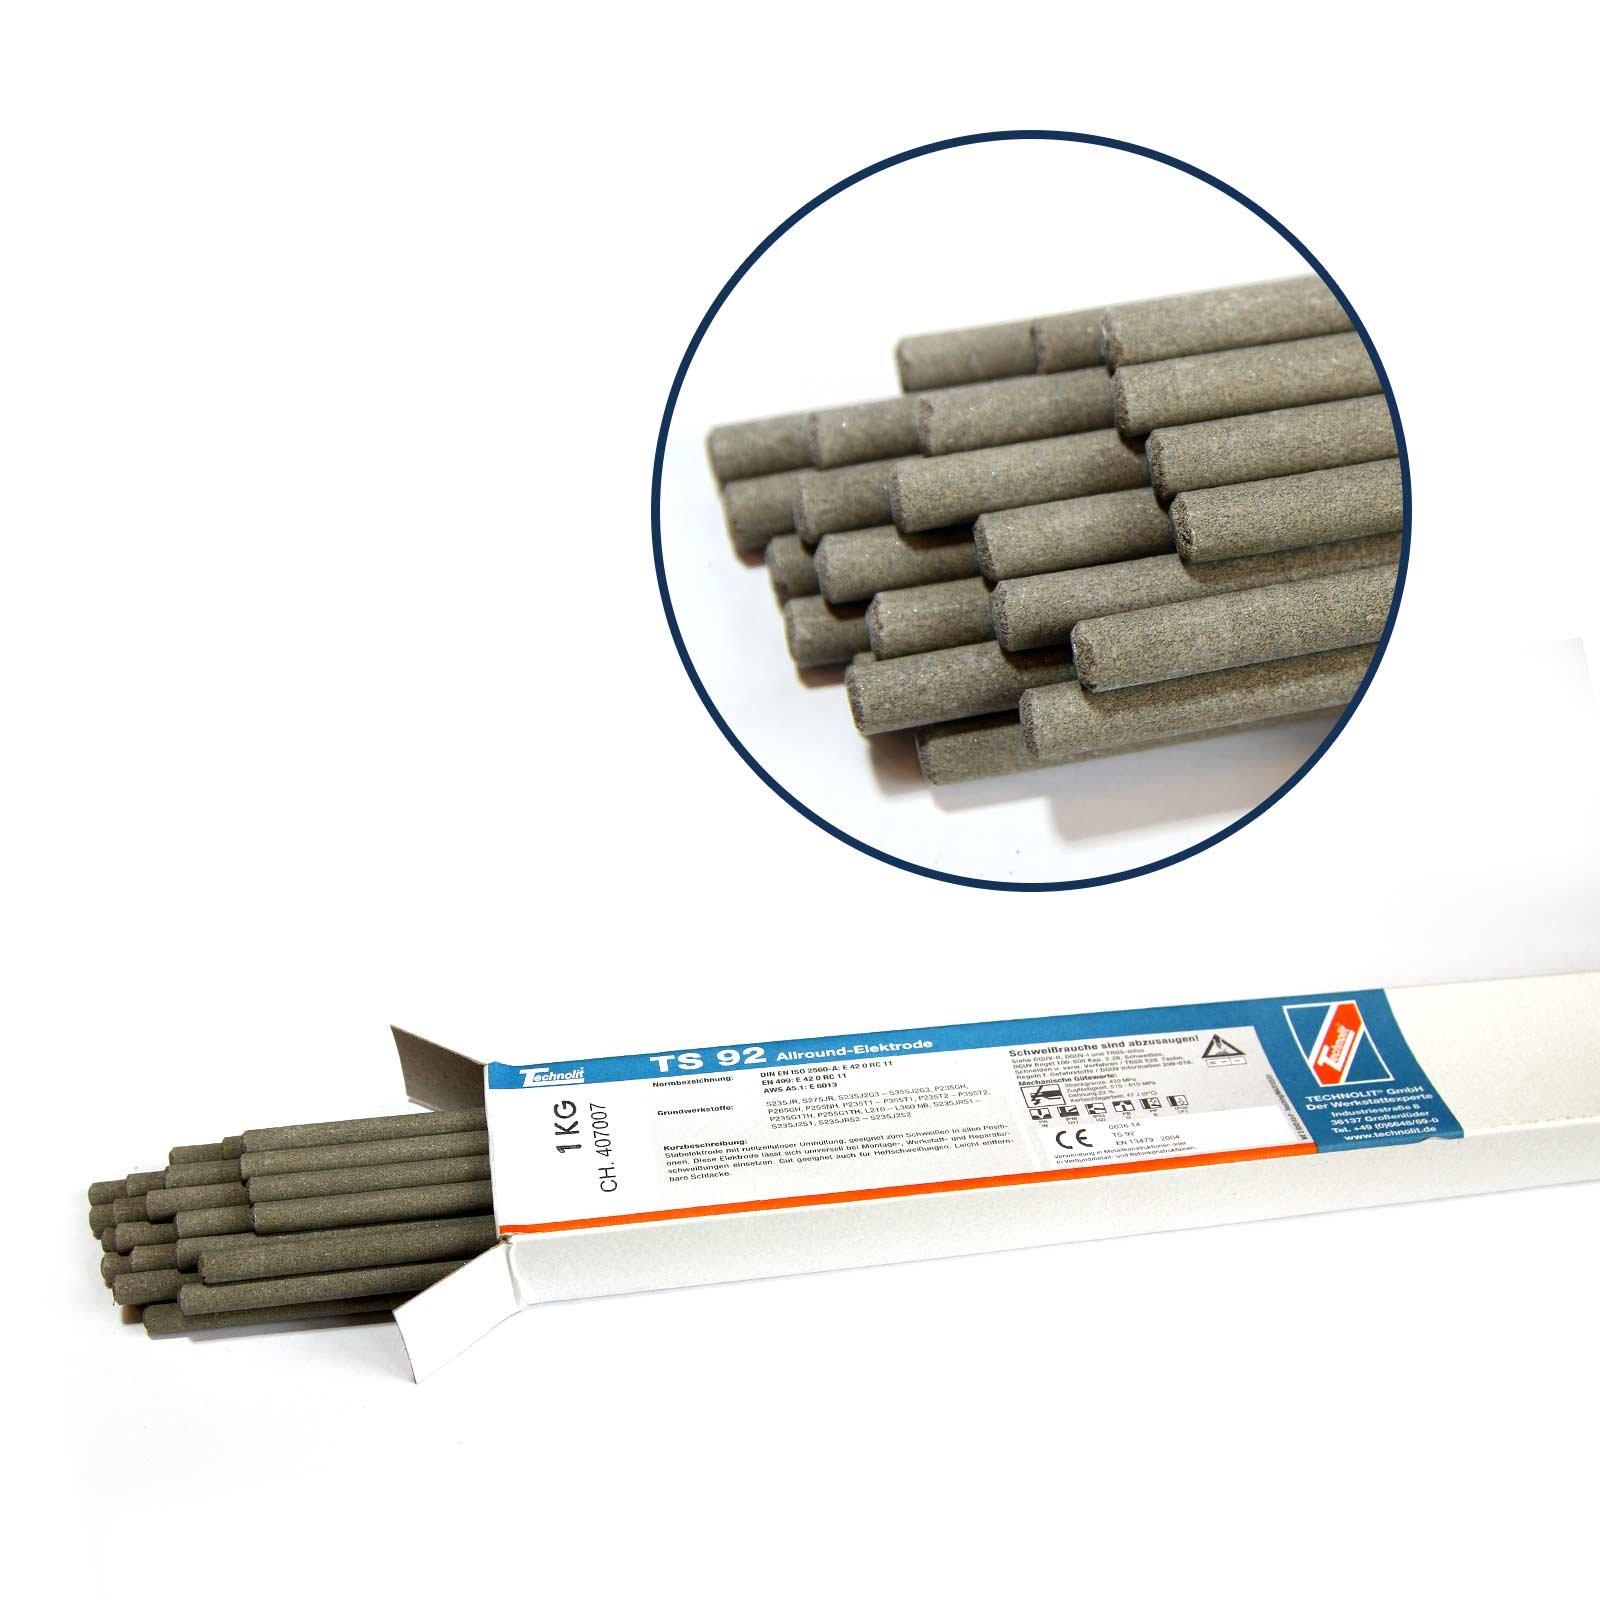 TECHNOLIT TS 46 Stabelektrode Edelstahl rostfreier Stahl V2A 1.4316 VPE 1 kg